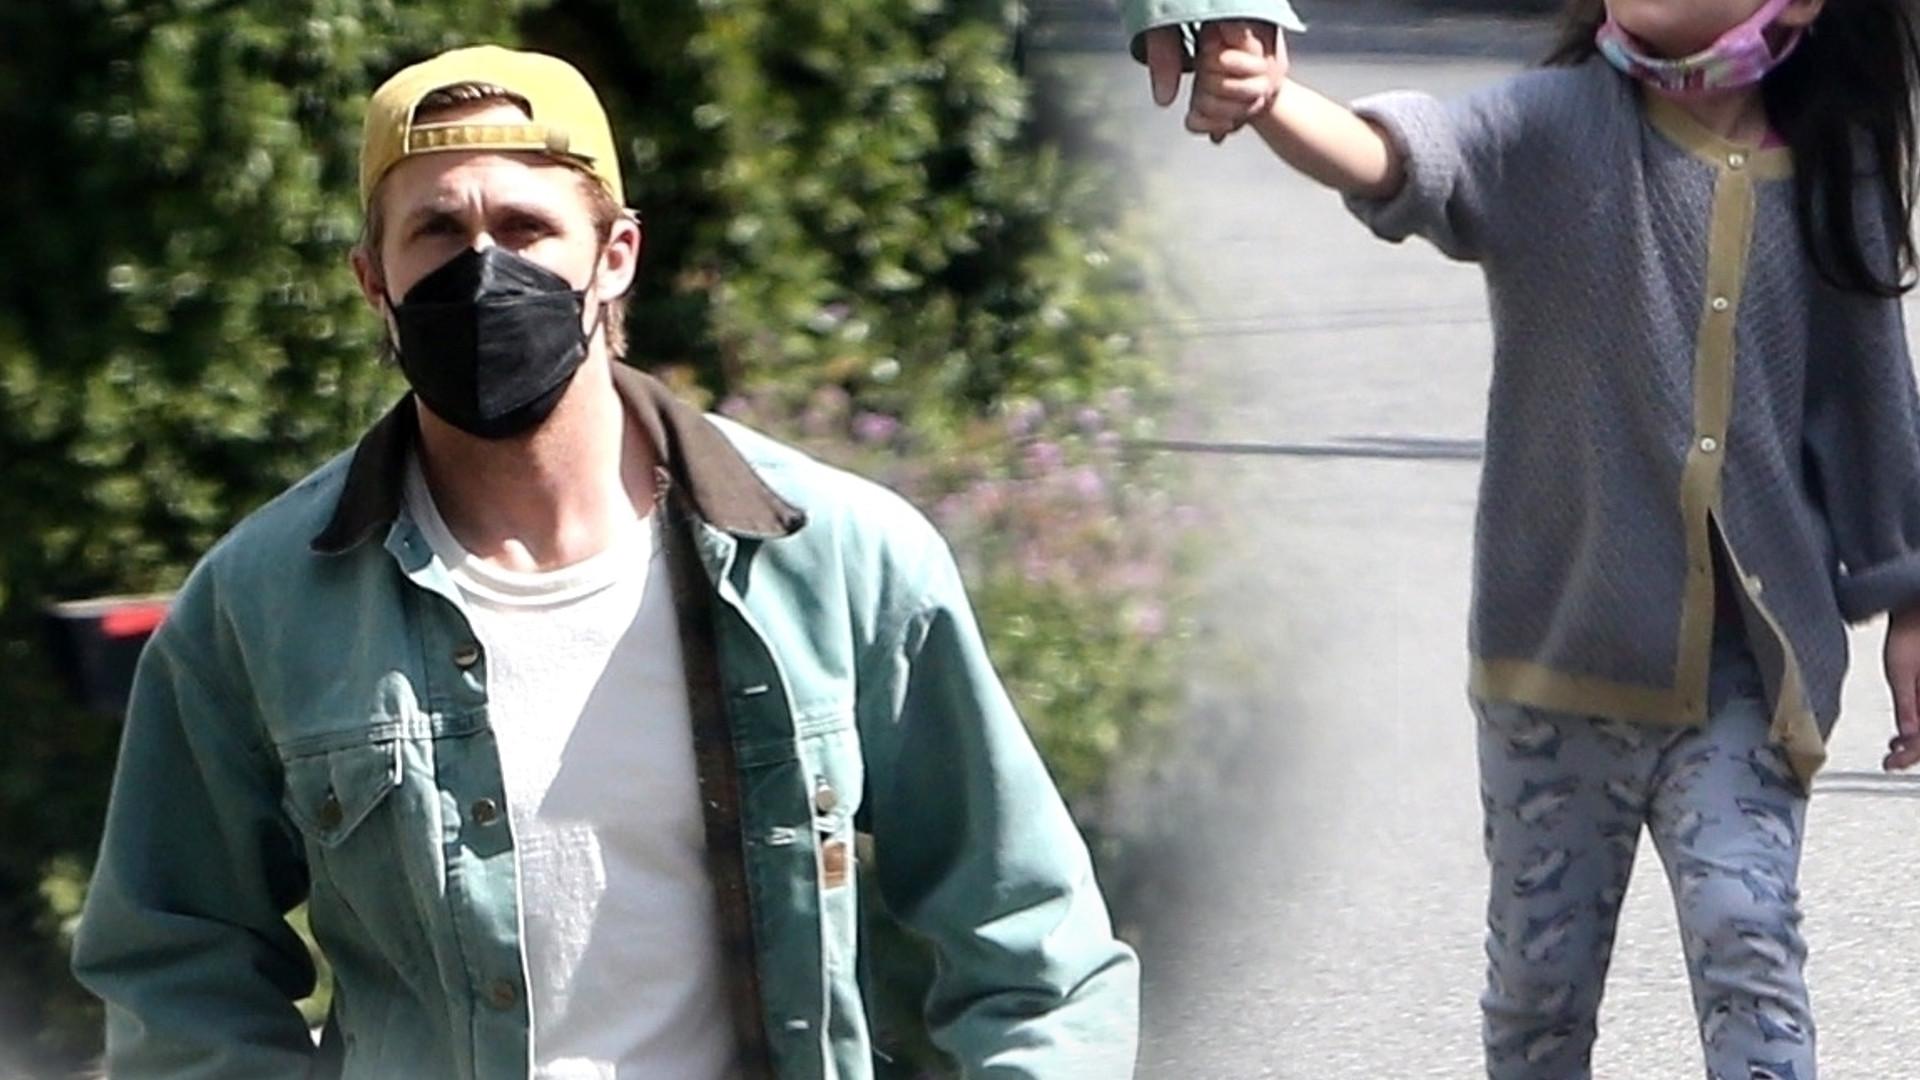 Dawno niewidziany Ryan Gosling z córeczką na spacerze. Jest podobna do mamy (ZDJĘCIA)